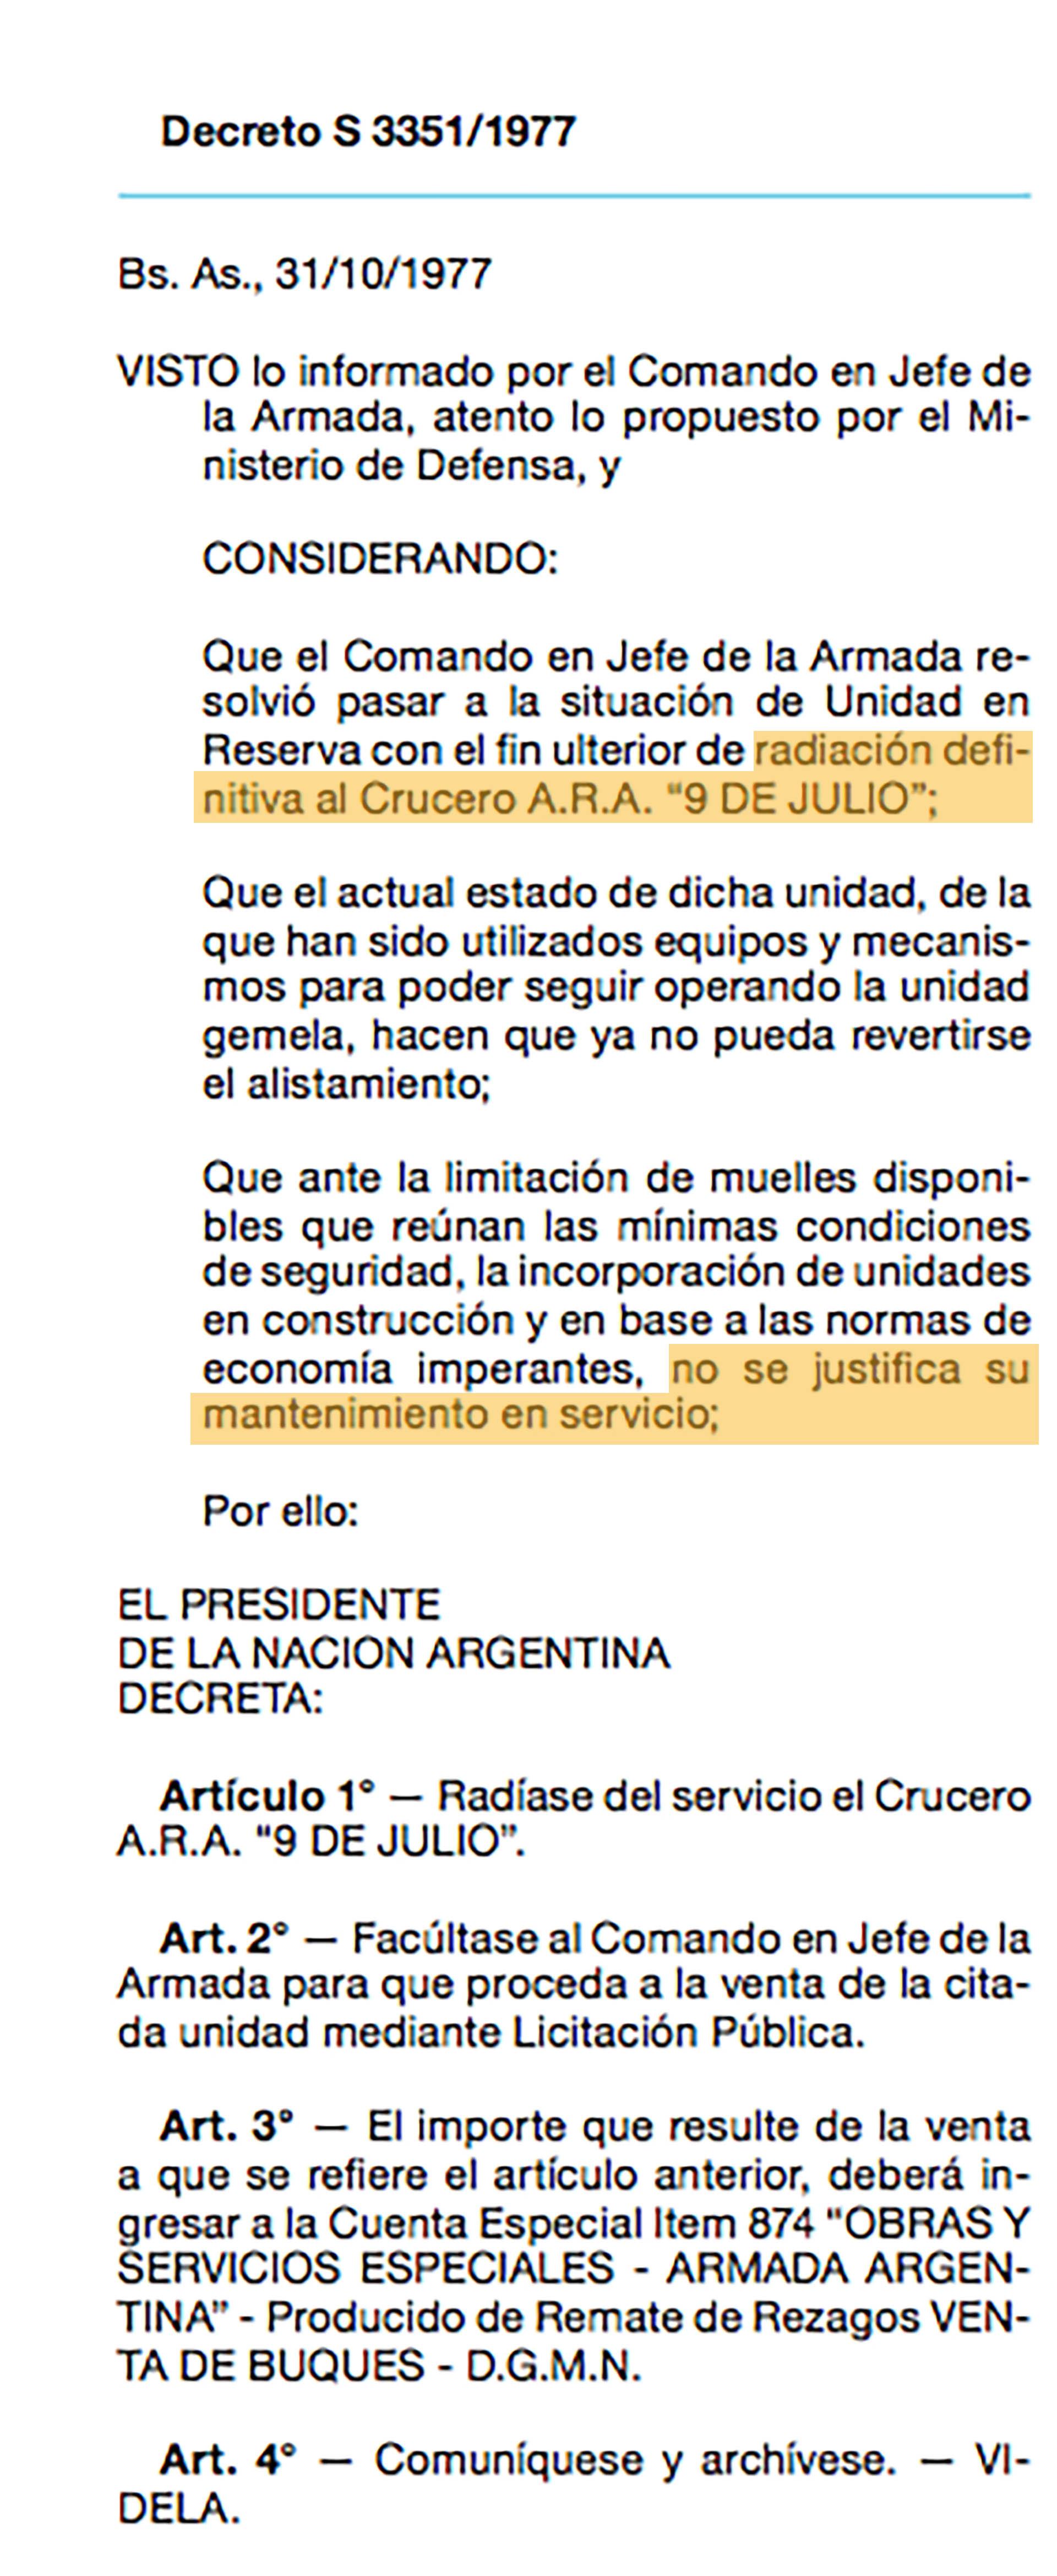 DECRETO VENTA ARA 9 DE JULIO - Decretos Secretos de la Dictadura